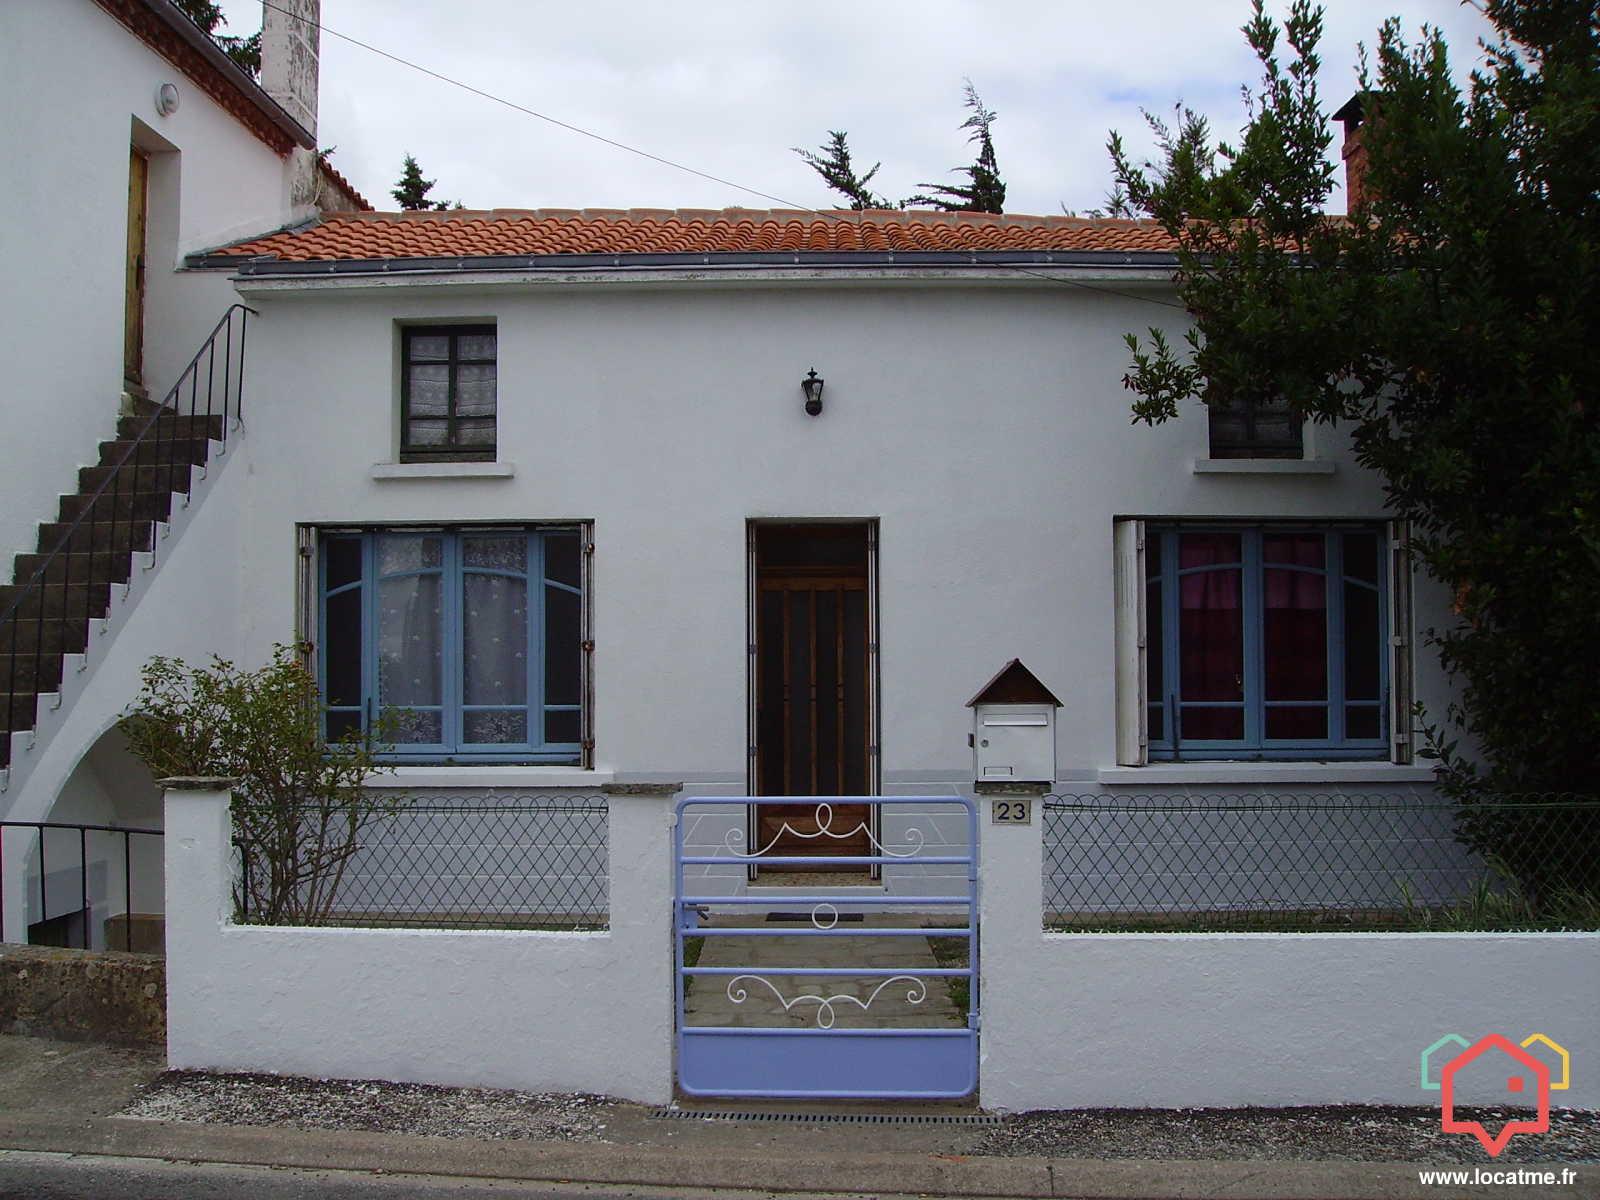 Location De Logements A Chantonnay 85110 De Particulier A Particulier